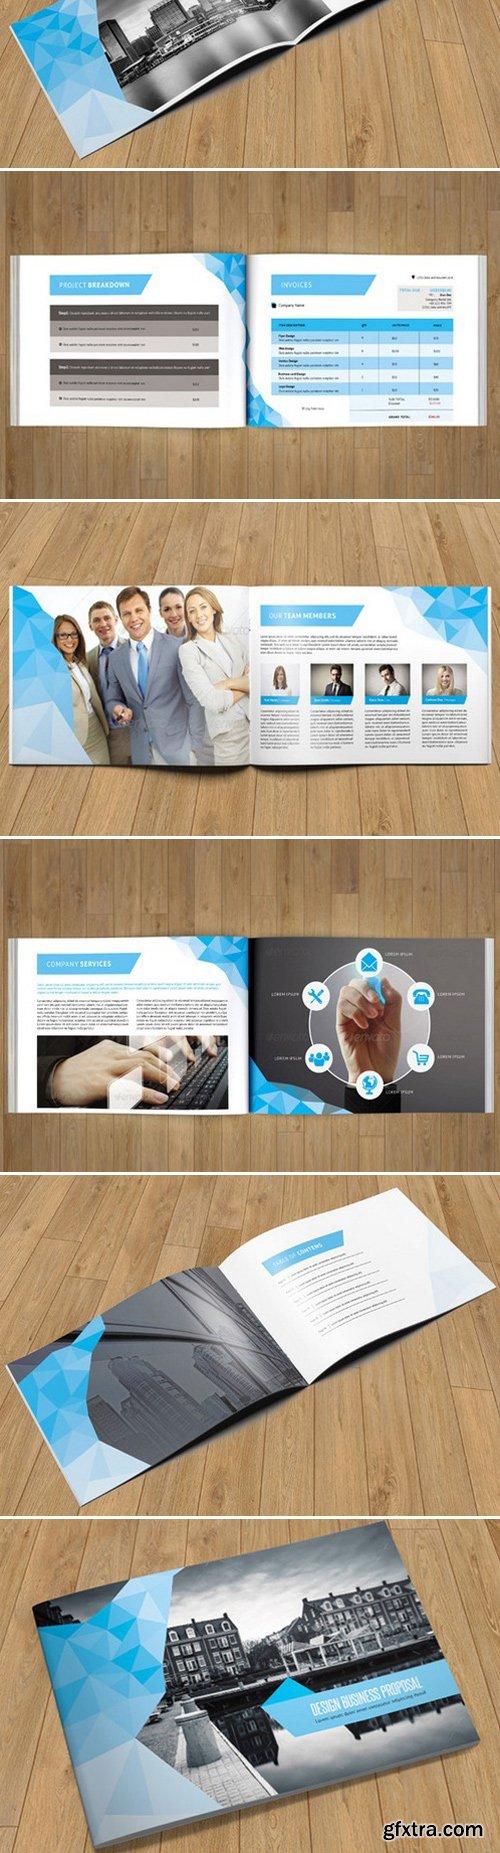 CM - Indesign Business Proposal-V213 410758